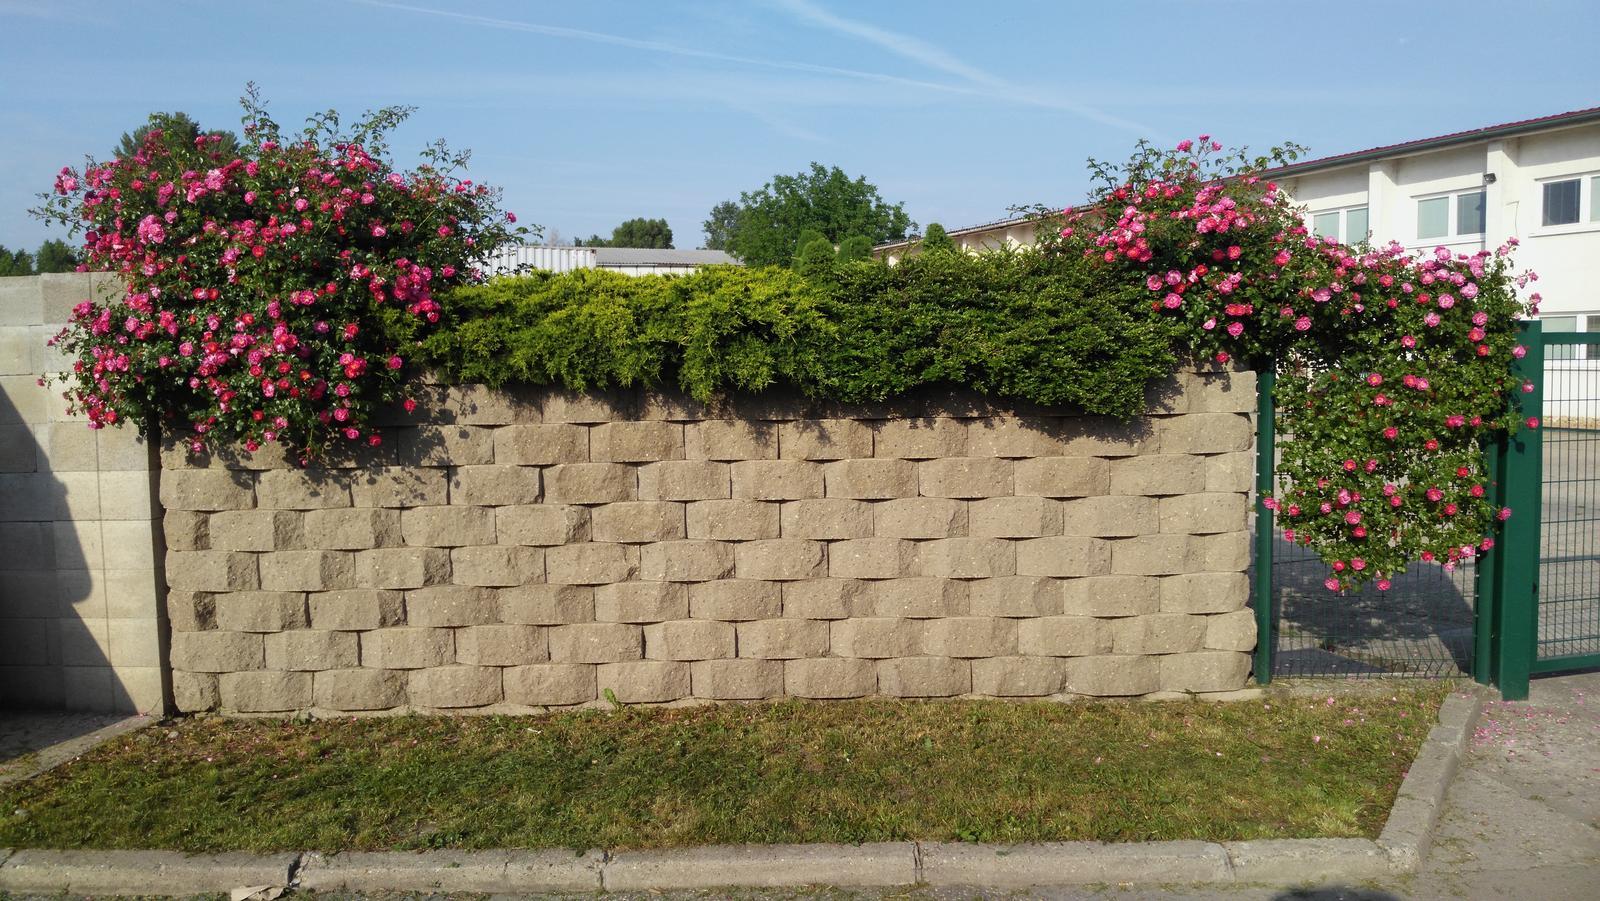 07 Vegetačný oporný múr sa na jar prebúdza ( rozšírené 19.6.2020 ) - 2017 05 30_Ružami sa naozaj nedá nič pokaziť